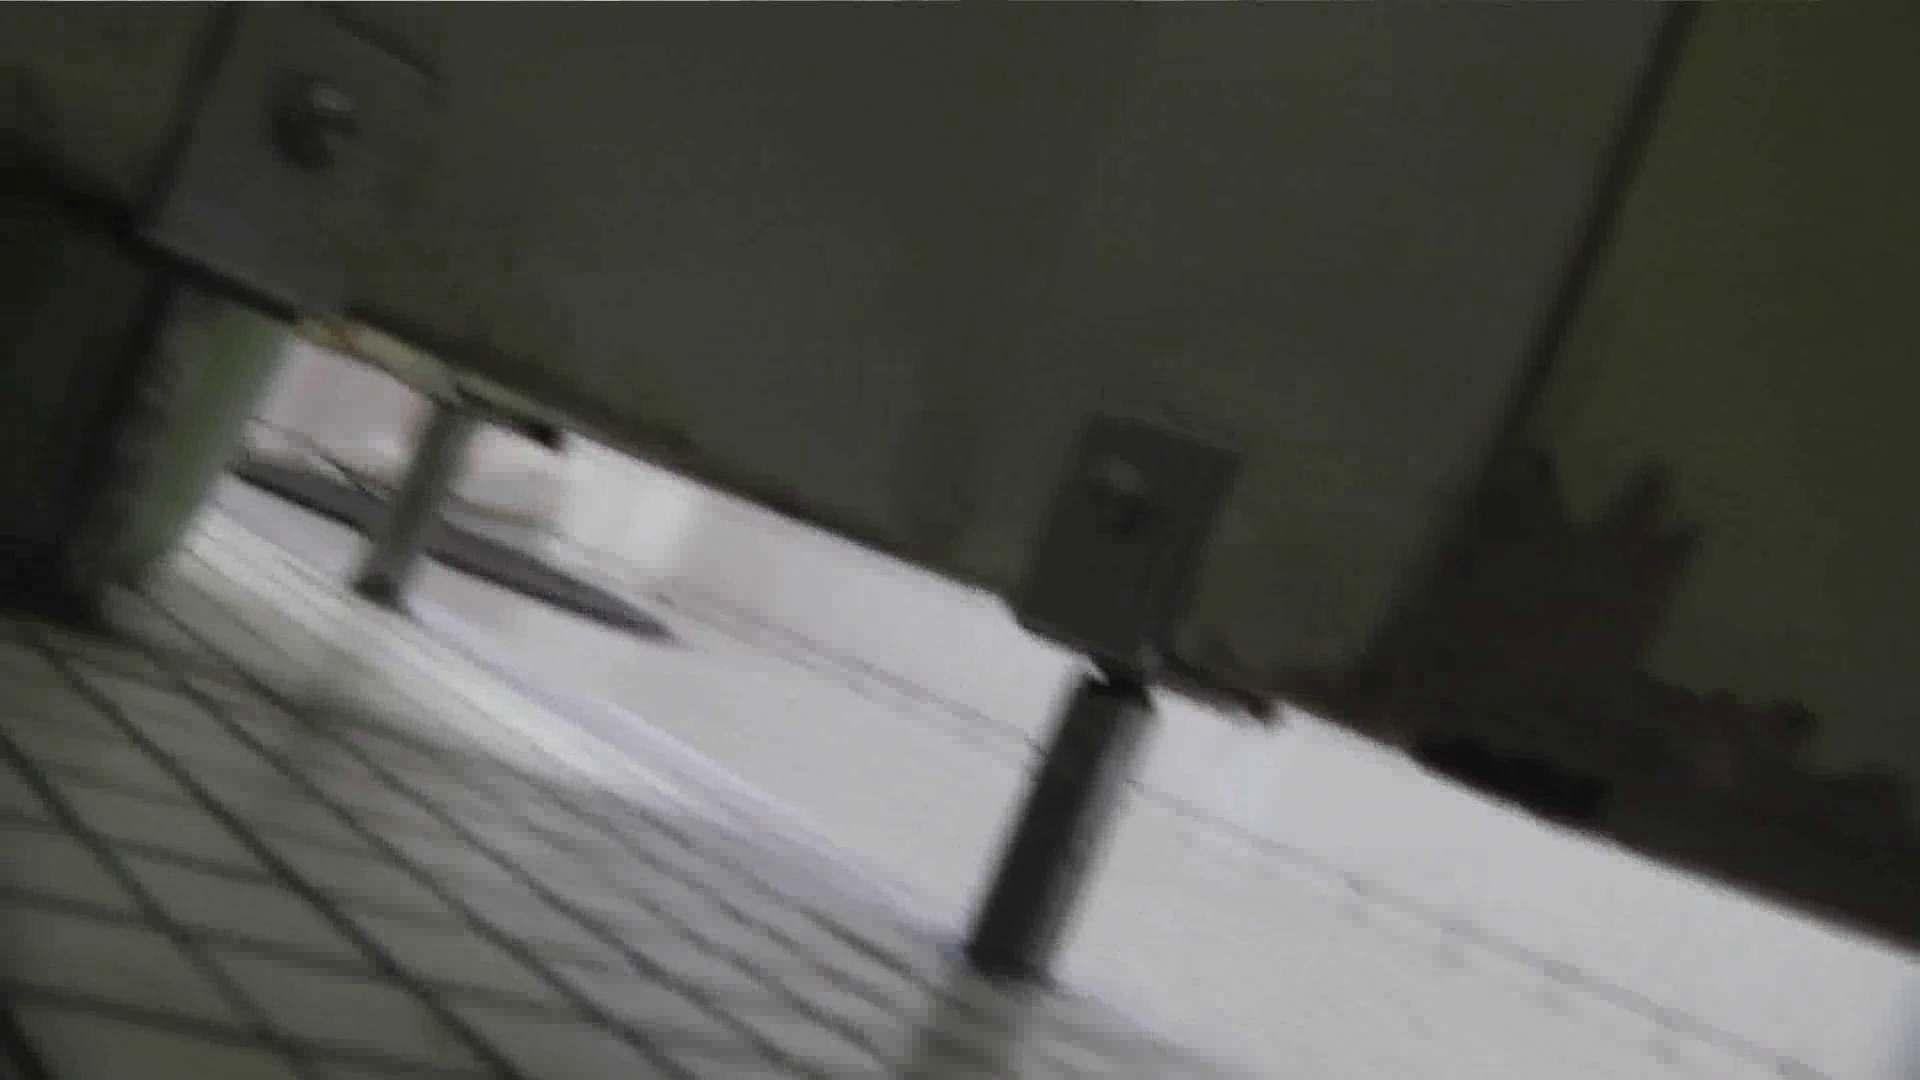 【美しき個室な世界】 vol.025 メガネ属性ヾ(´∀`)ノ 高画質 濡れ場動画紹介 84画像 11